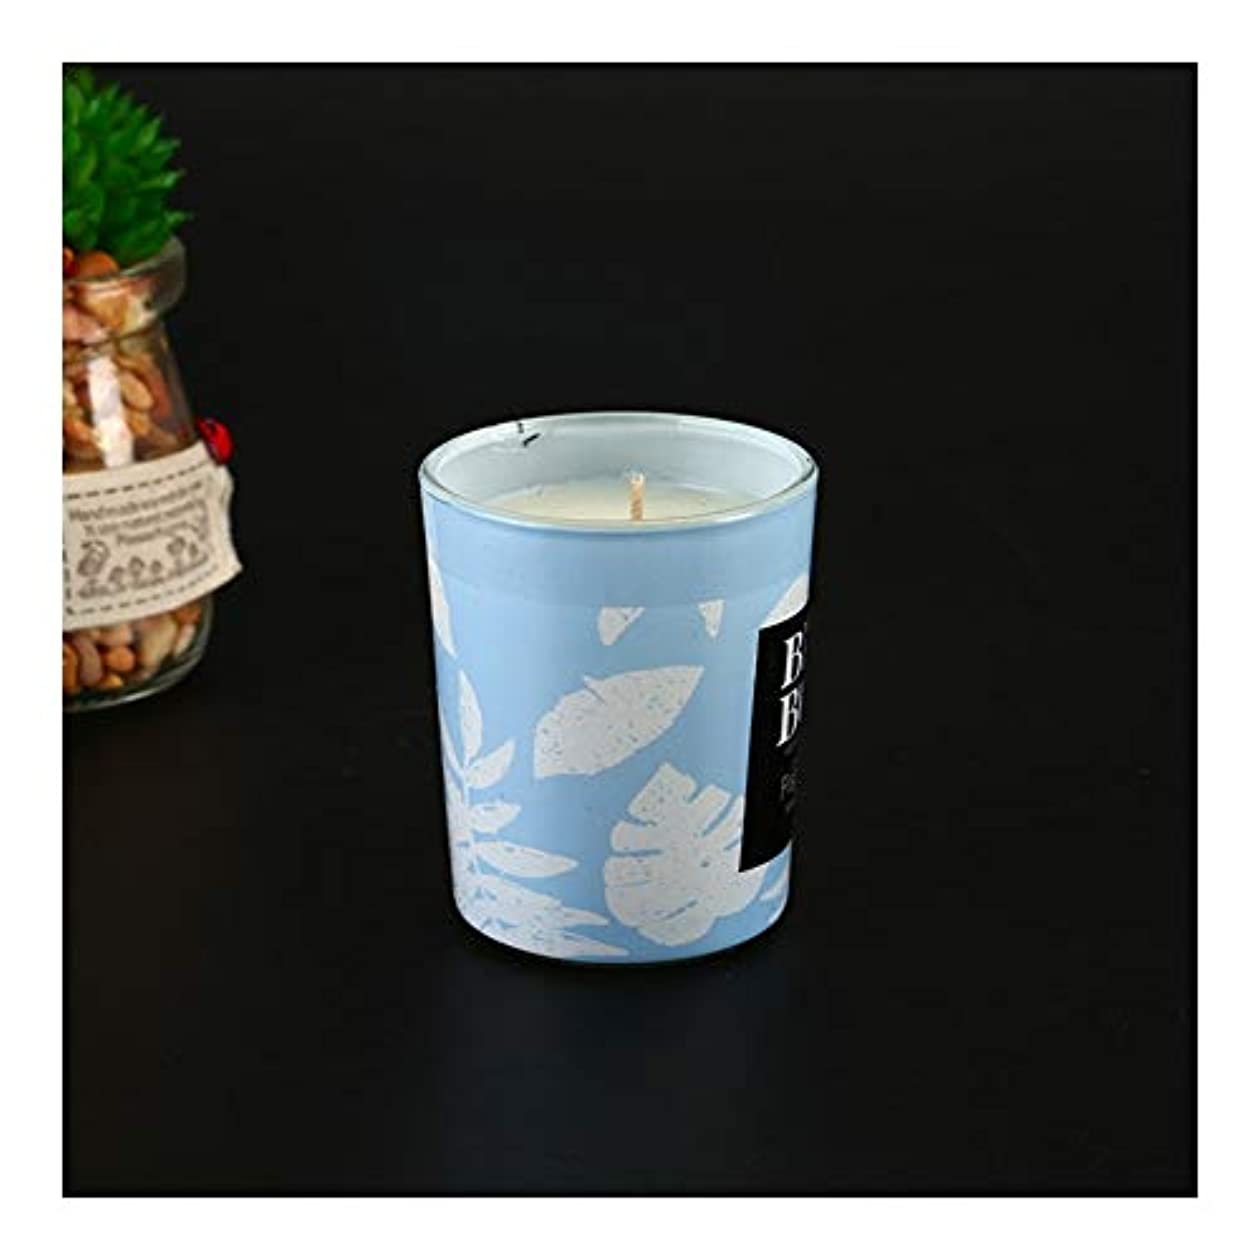 不可能なとは異なりフレアGuomao アロマセラピーキャンドルカップ告白アーティファクトキャンドル手で環境に優しい無煙大豆ワックス (色 : Blue wind chime)